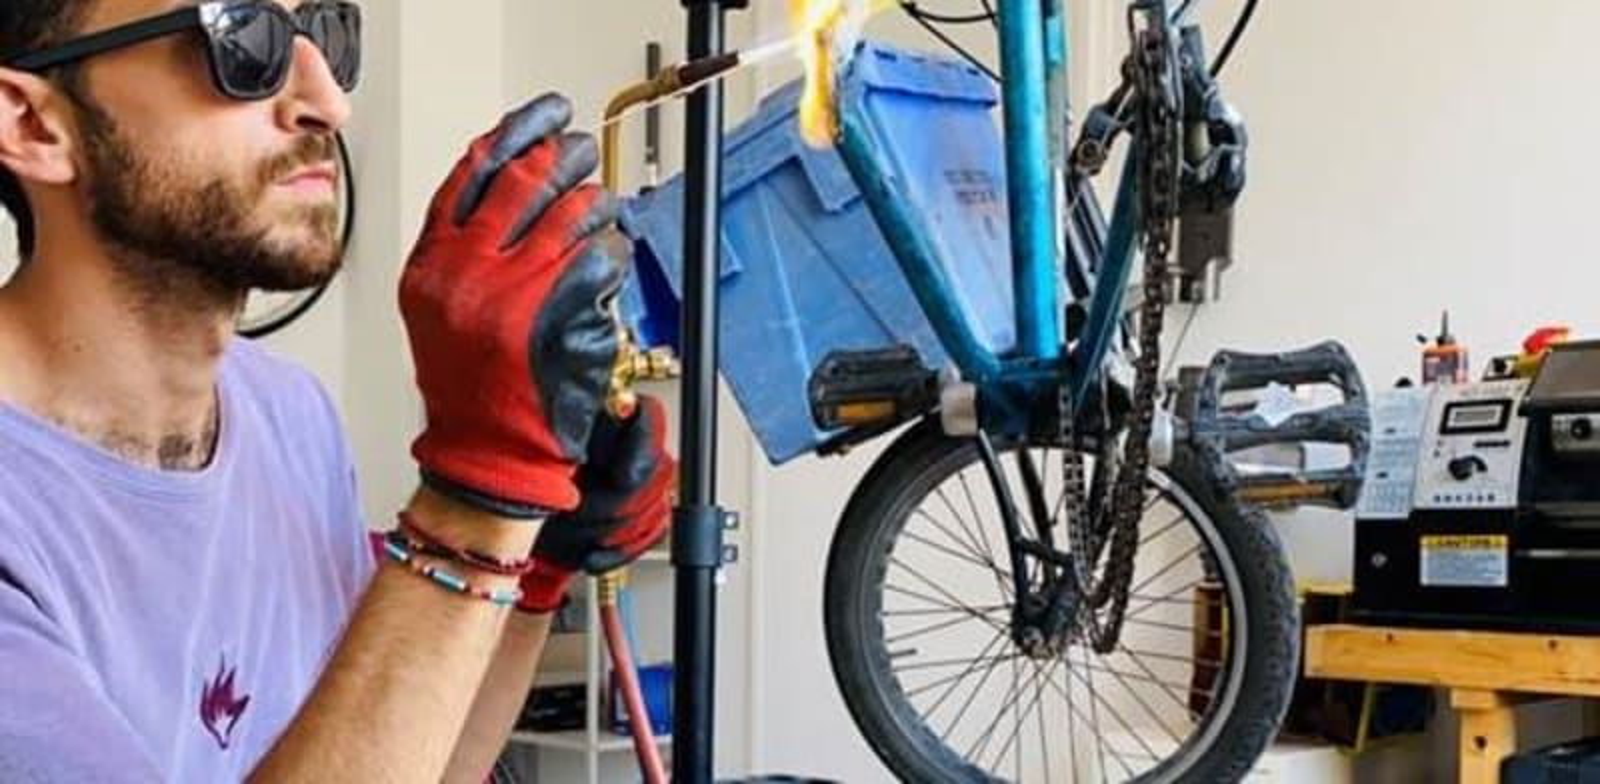 """דן סרוסי, הבעלים של מותג האופניים """"סרוסי"""" / צילום: תמונה פרטית"""